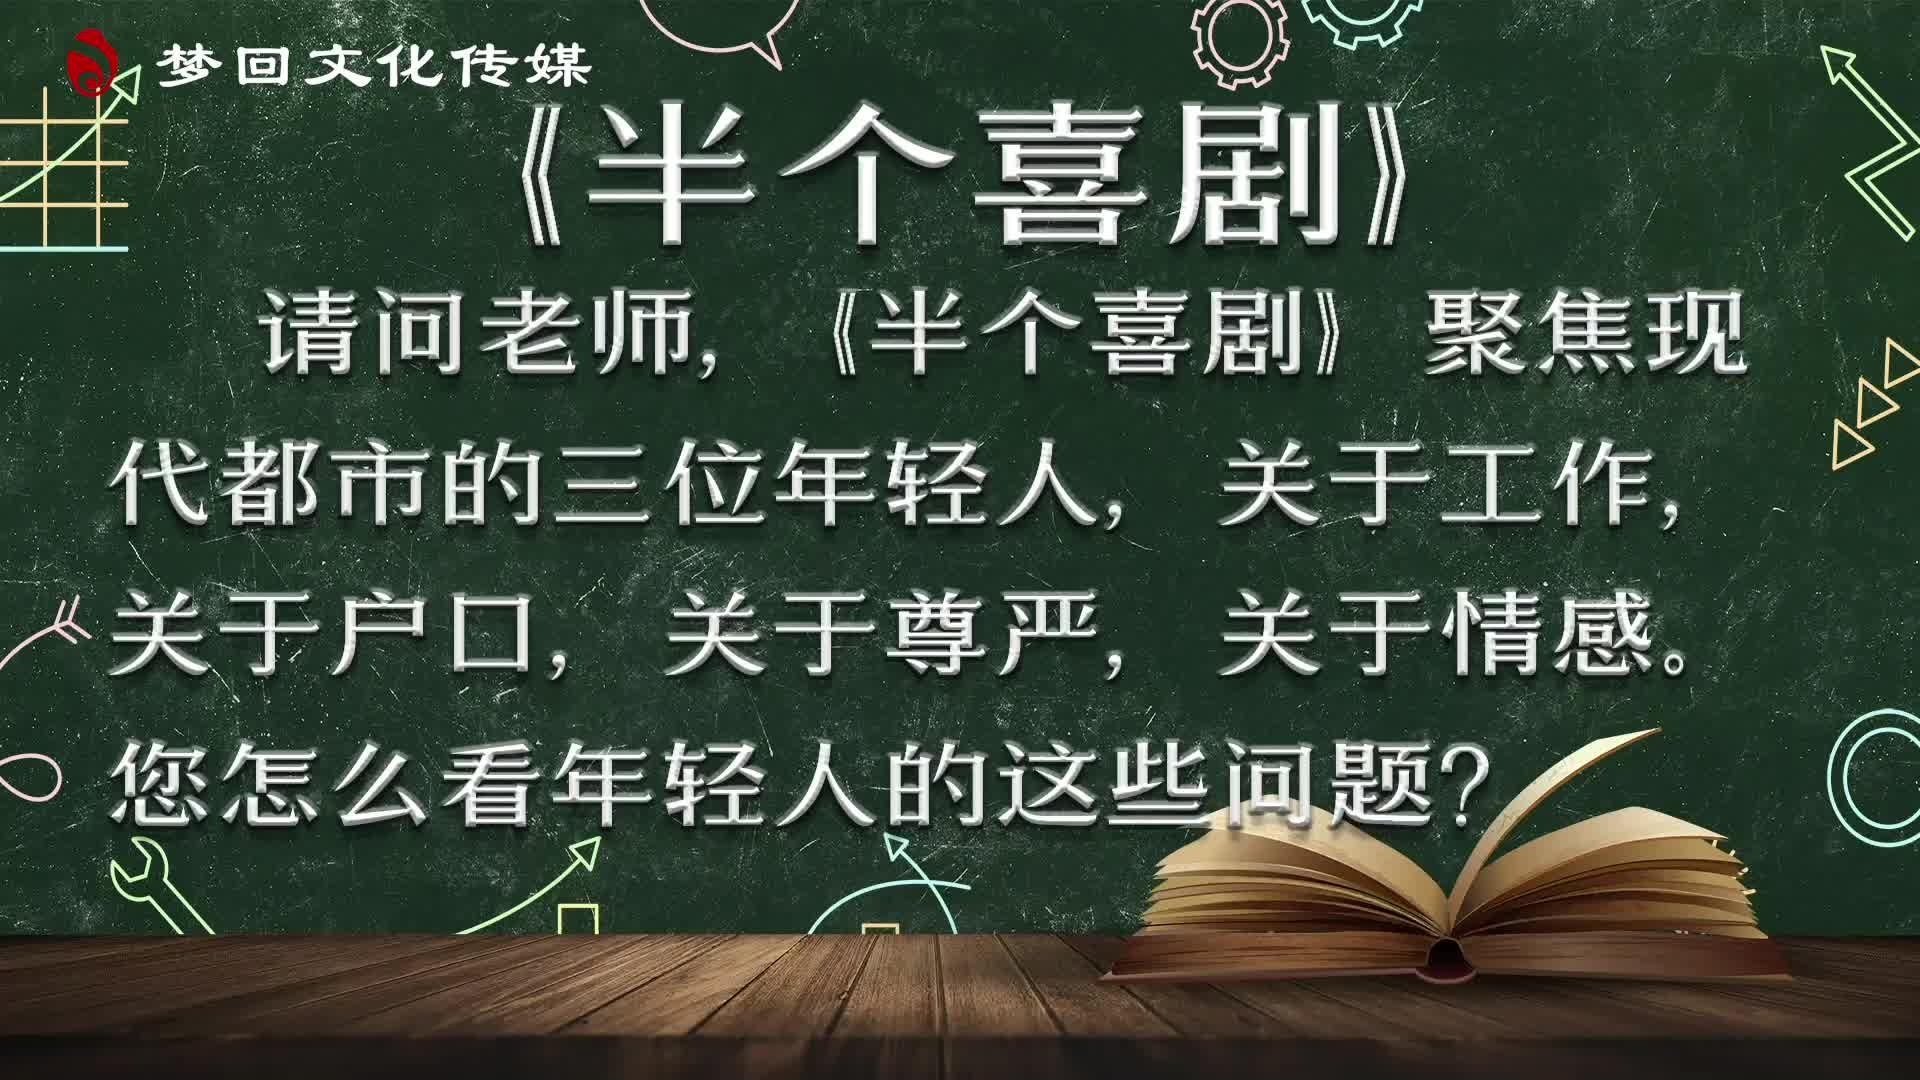 【赵老师的电影课】半个喜剧(一)